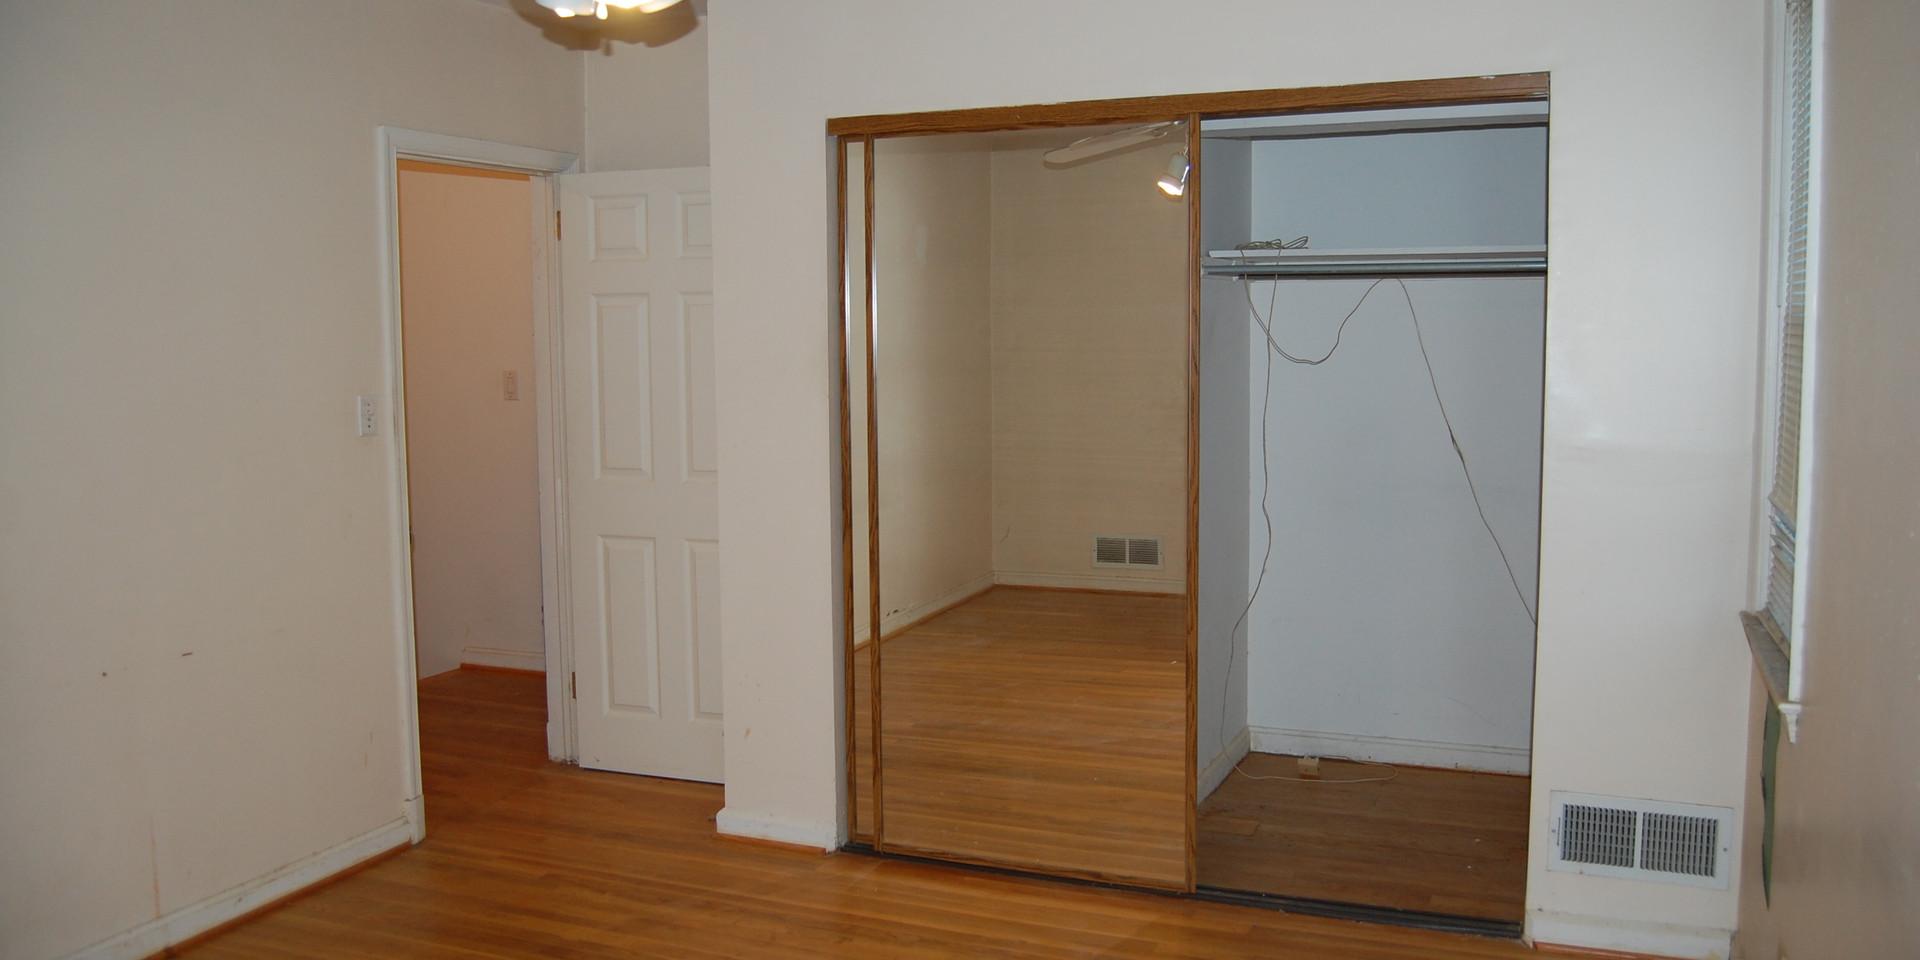 6.6 Master Bedroom.JPG